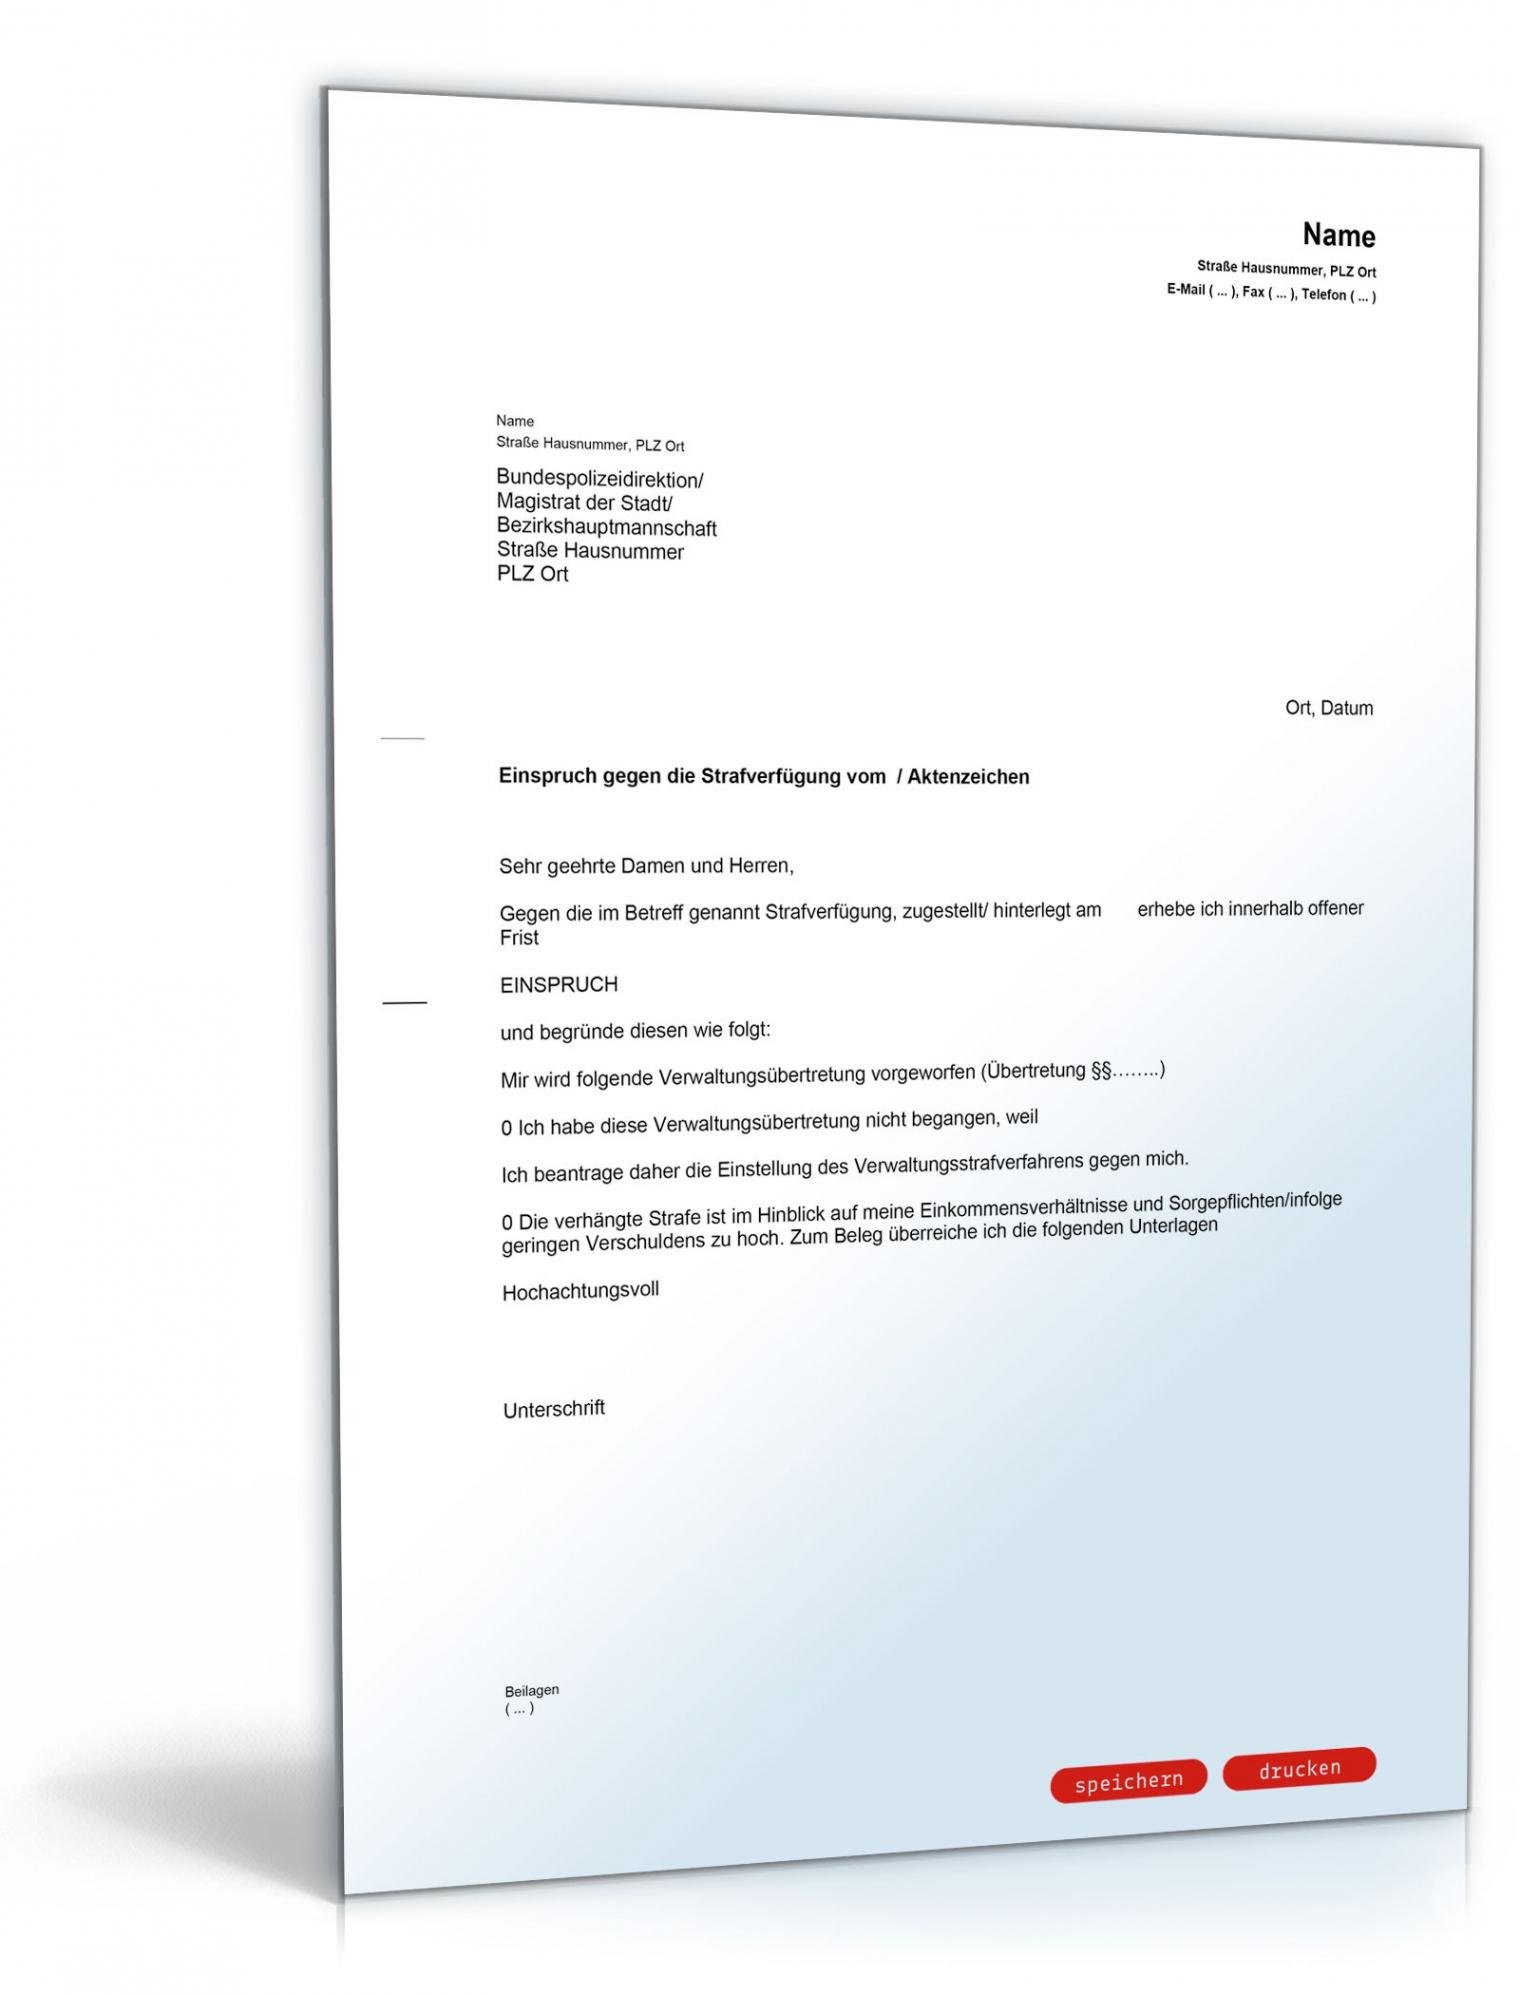 Beste Einspruch Einlegen Vorlage PDF Druckfähig